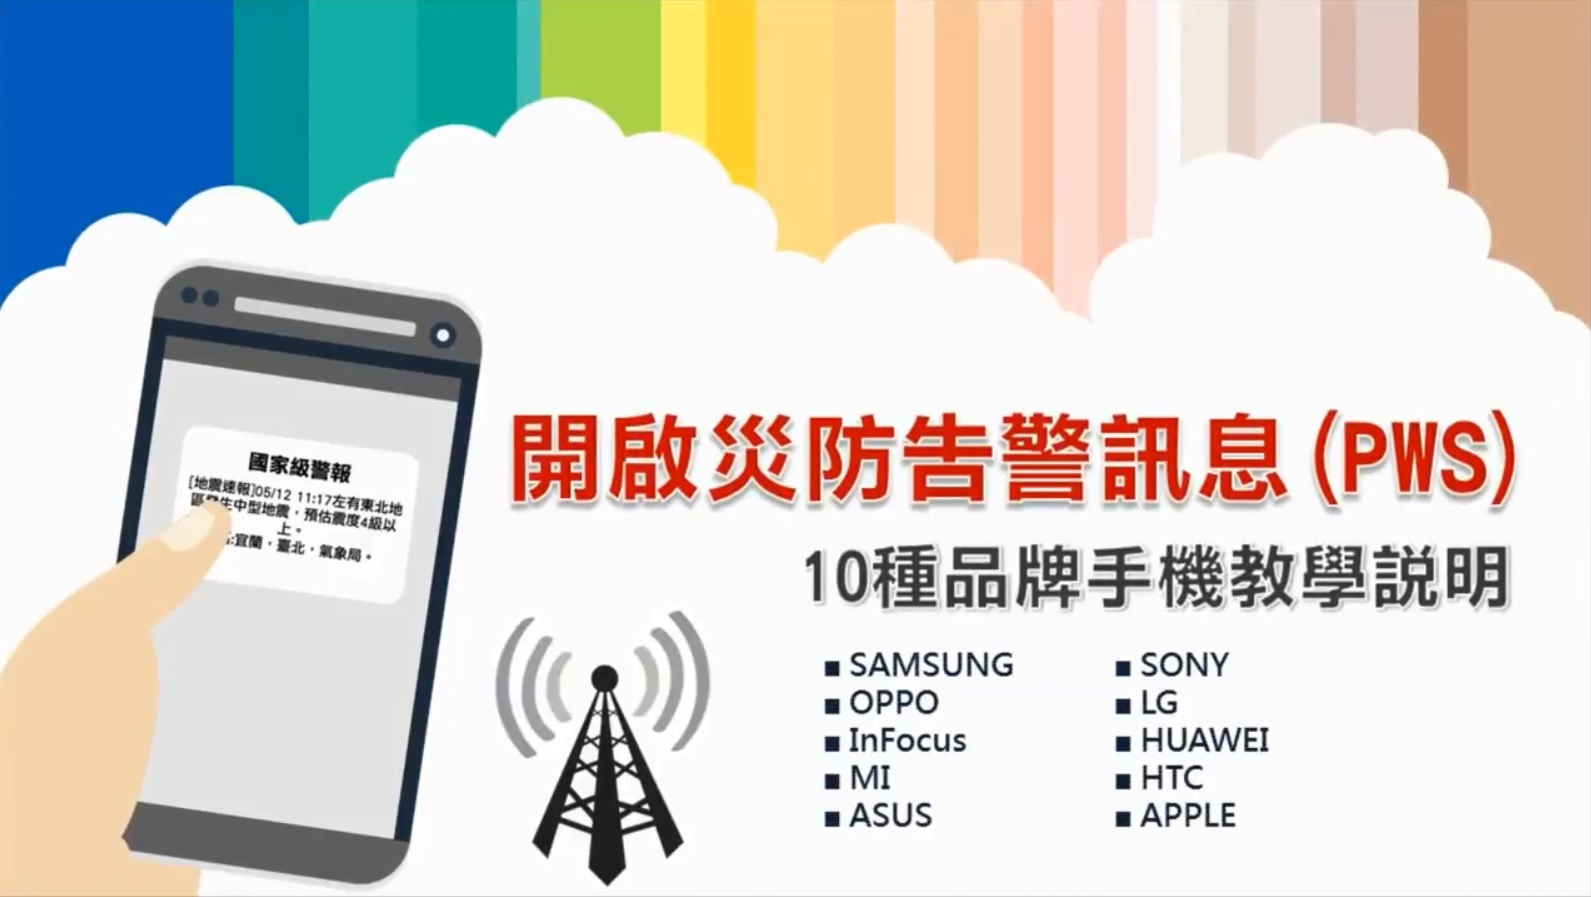 圖片取自中華電信之Youtube